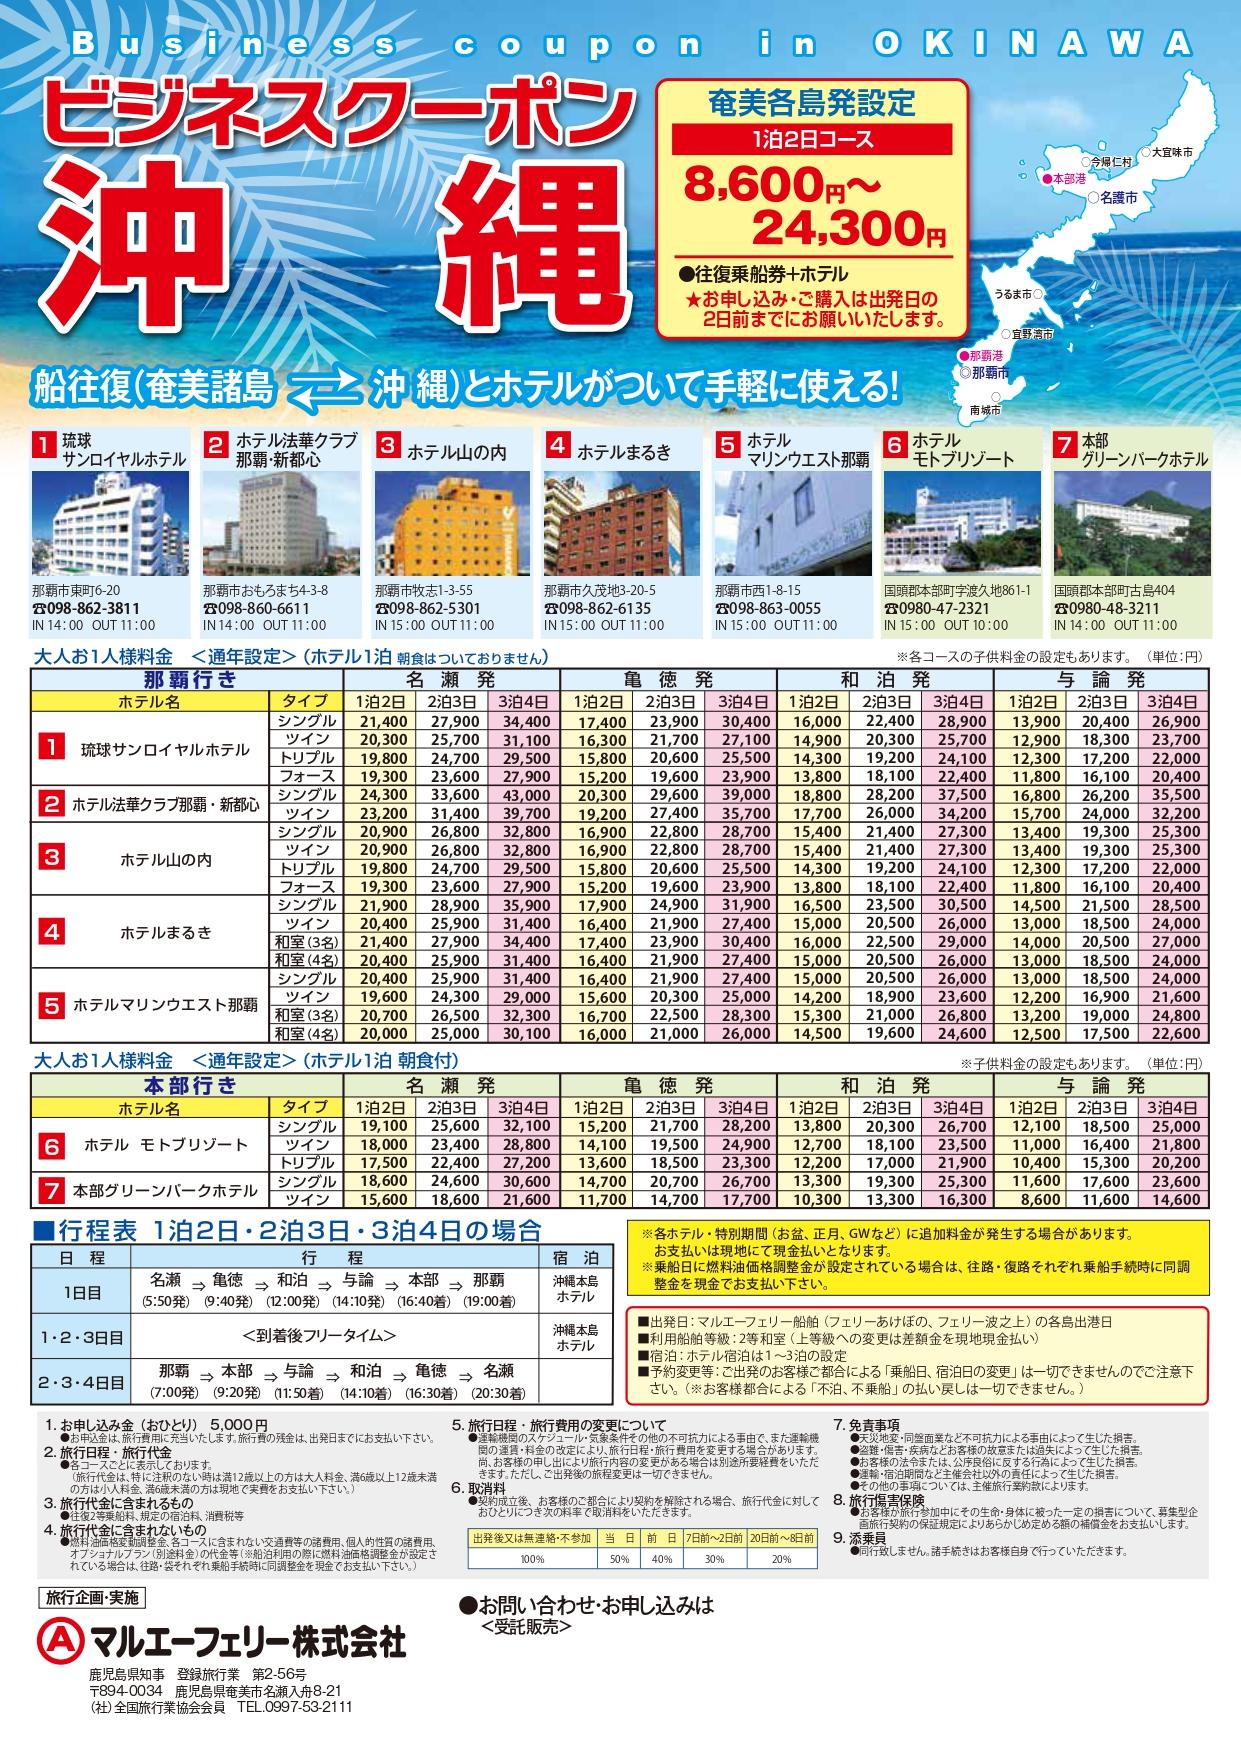 ビジネスクーポン沖縄